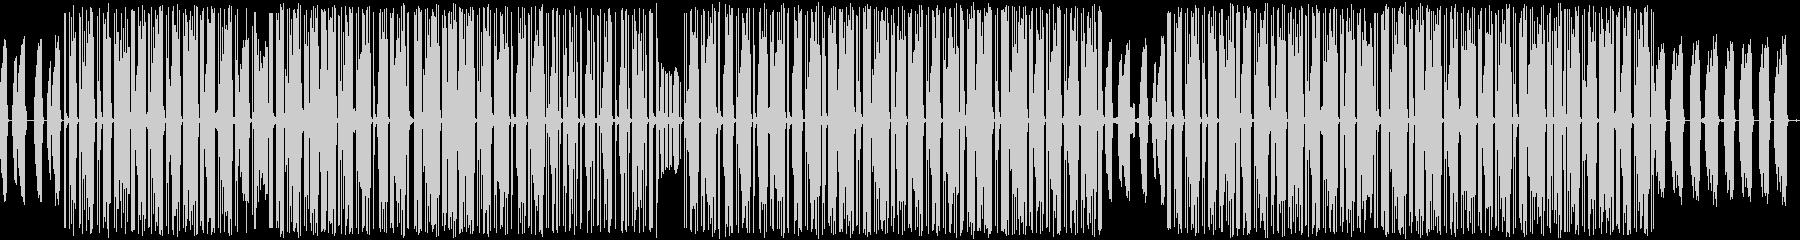 虫たちがダンスしているイメージの曲です。の未再生の波形